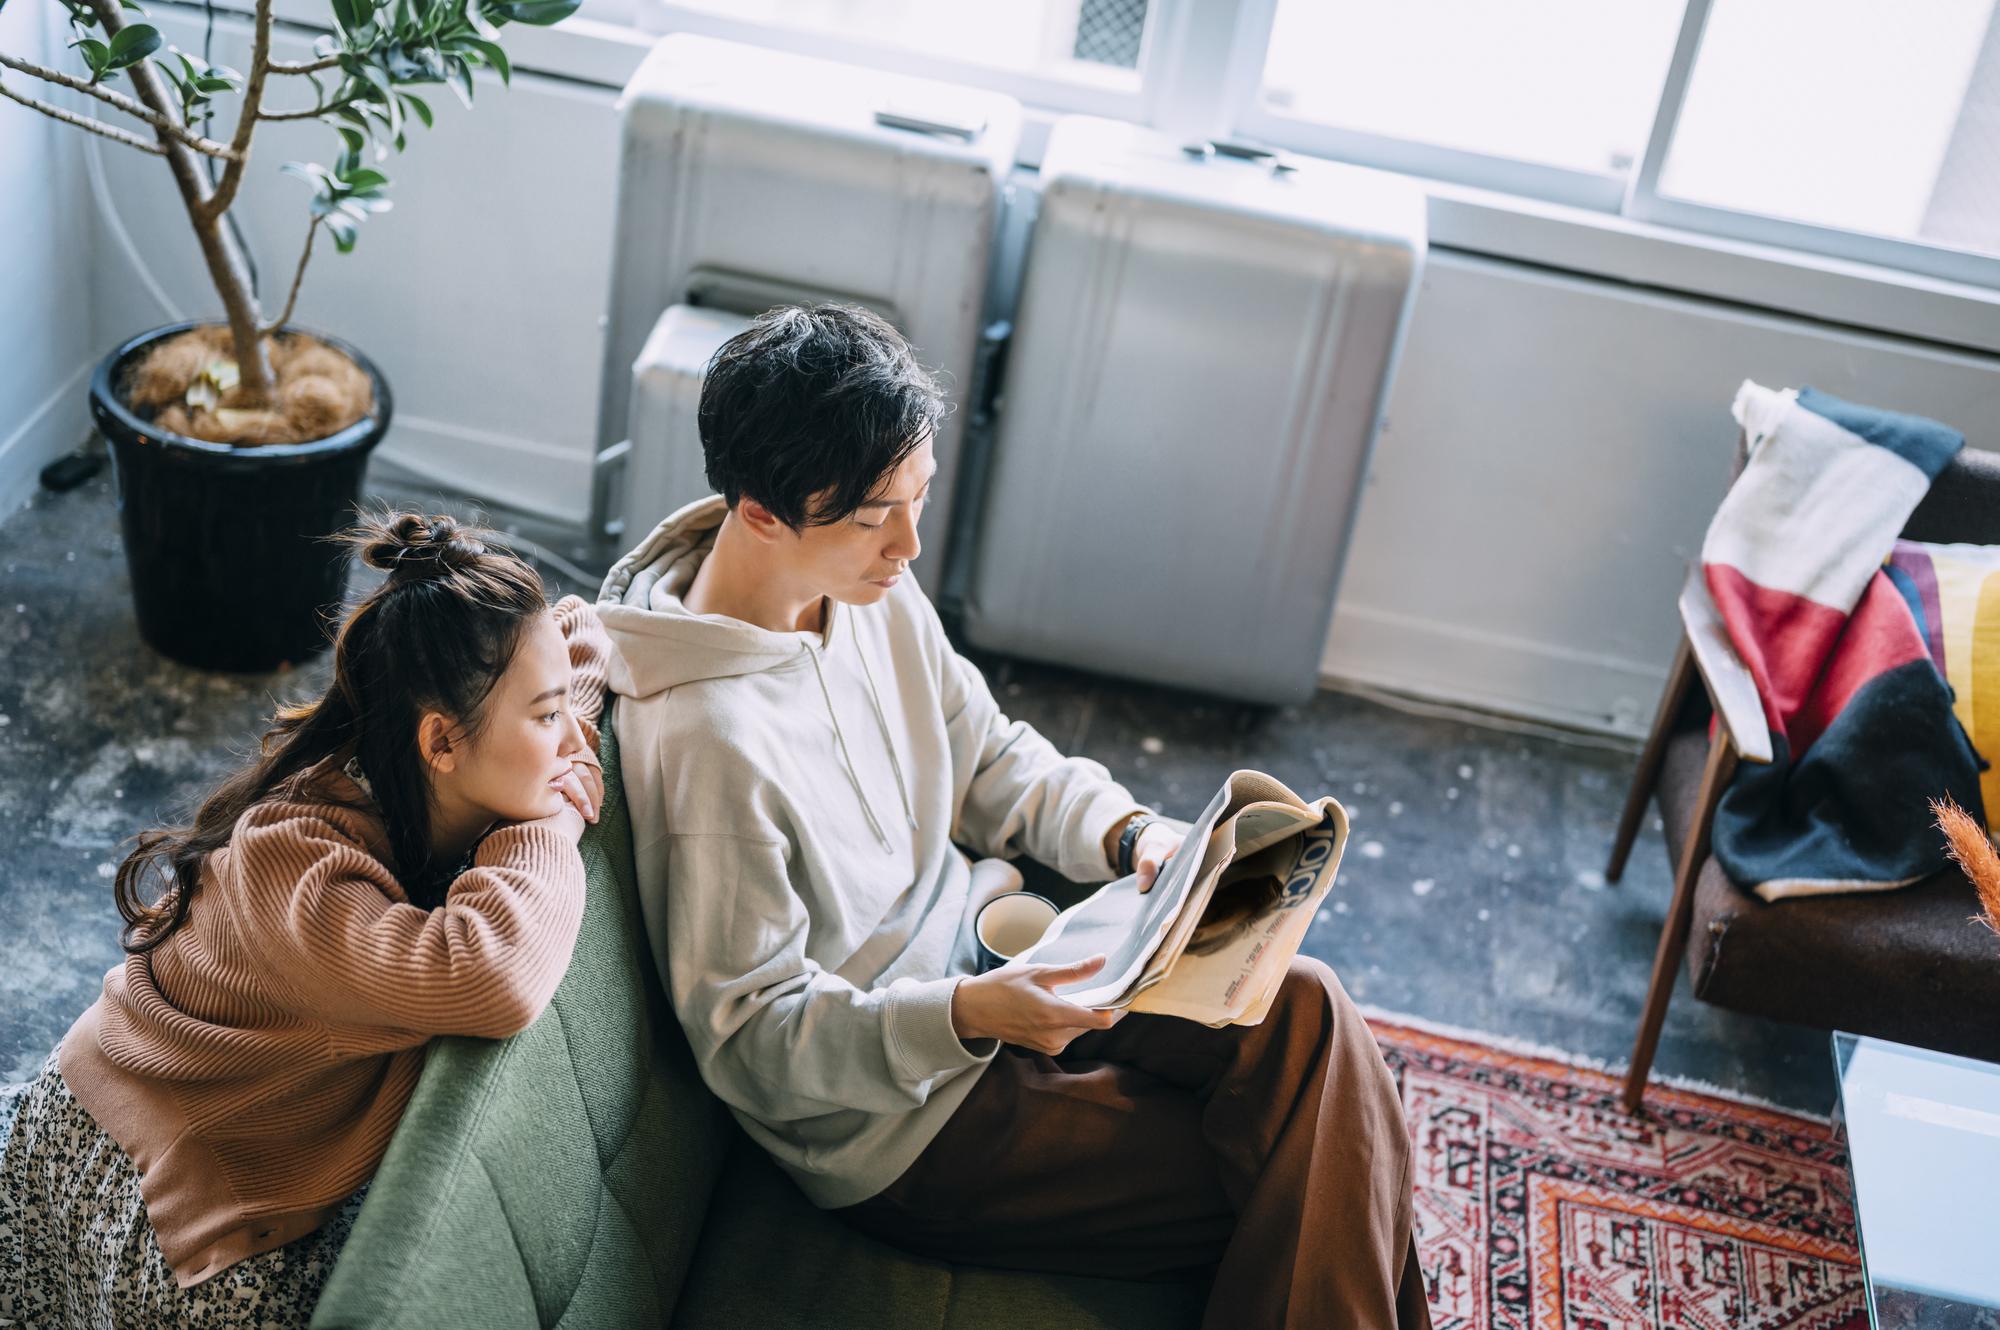 同棲したいカップル必見!イマドキの家具家電付き賃貸を活用した結婚前のお試し同棲